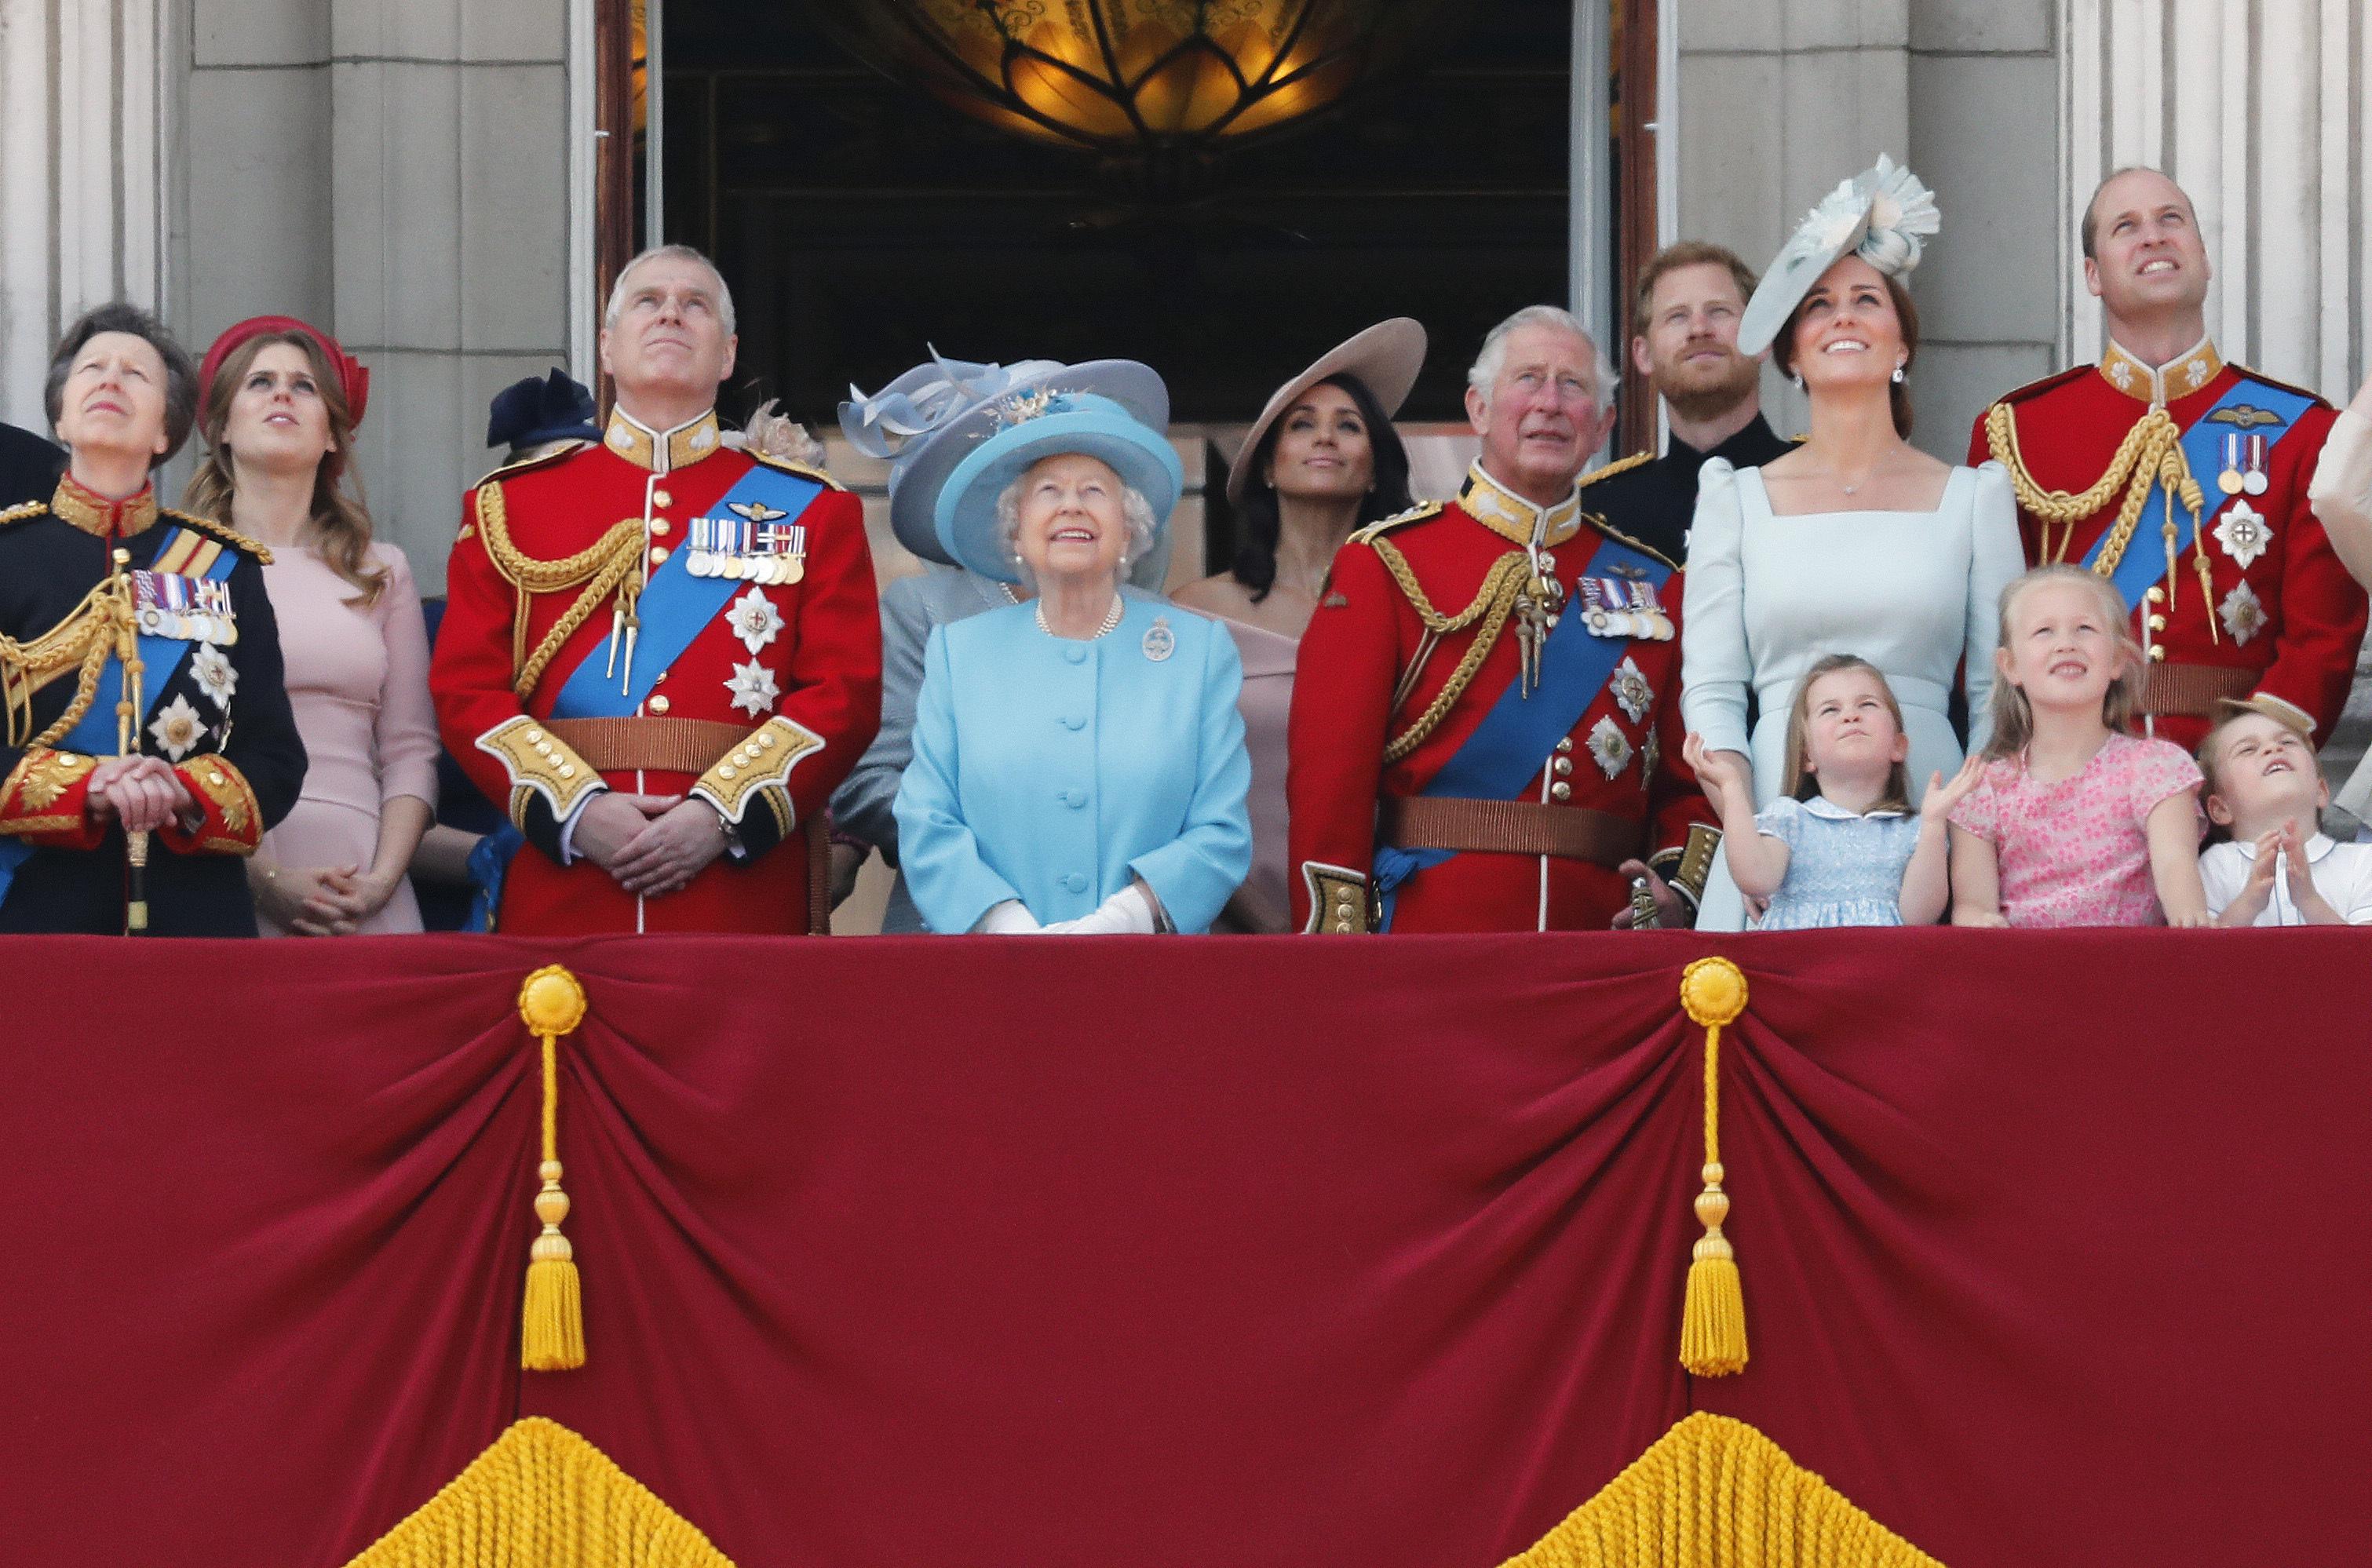 """Elizabeth II comparte con su familia en """"Trooping the Colour"""", un evento que se lleva a cabo en Reino Unido desde 1748 con el propósito de celebrar el cumpleaños """"oficial"""" del monarca y que suele tener lugar el segundo sábado de junio. (Archivo)"""